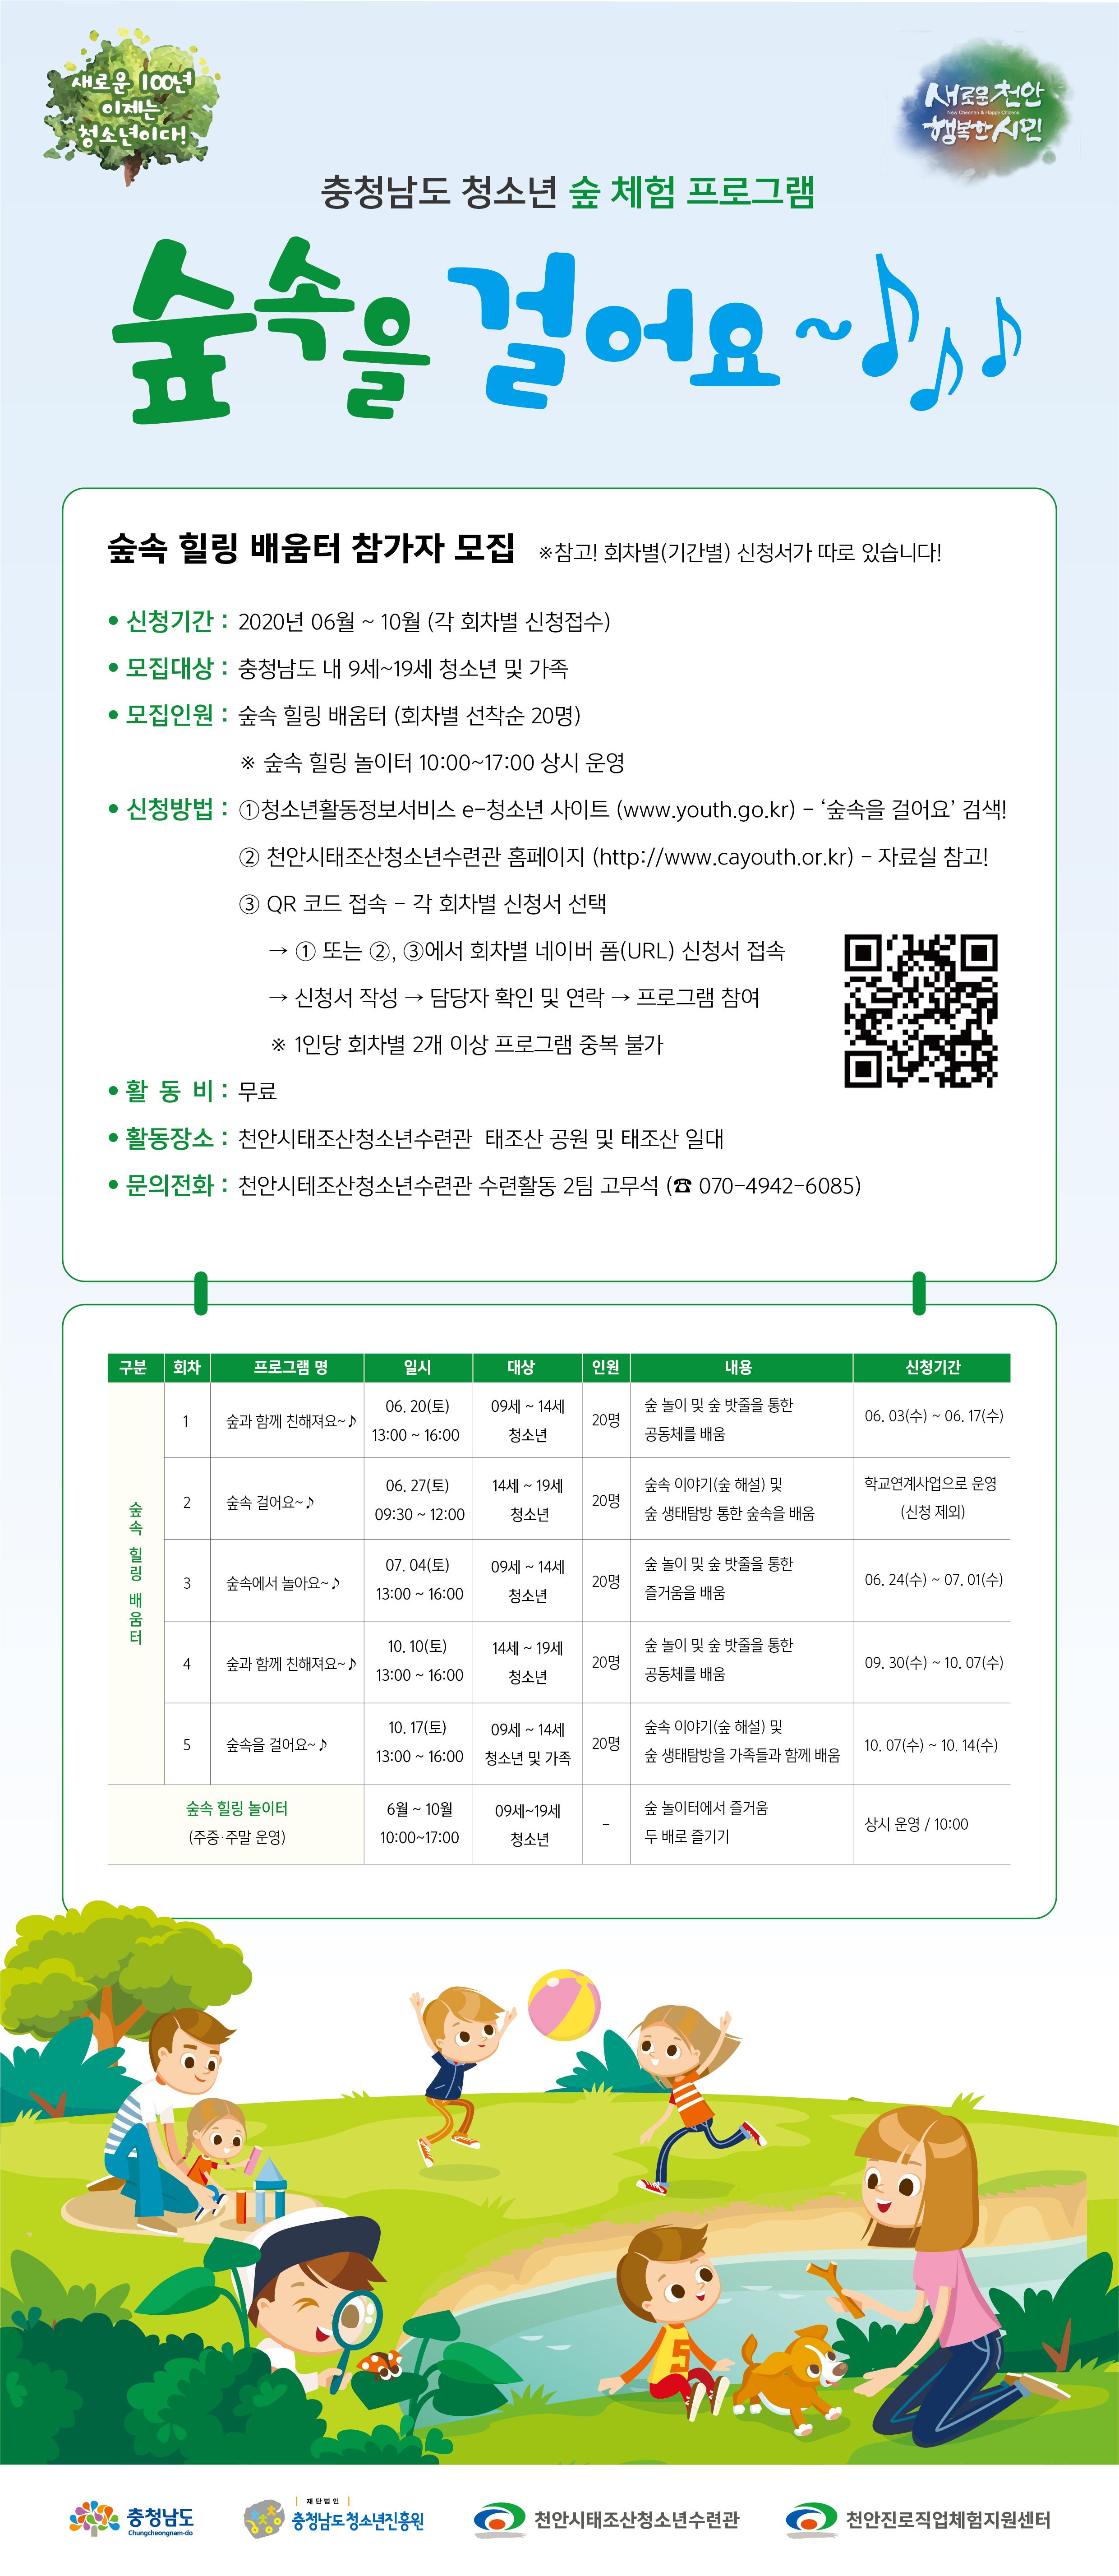 (최종)충청남도 청소년 숲 체험 프로그램 웹포스터.jpg